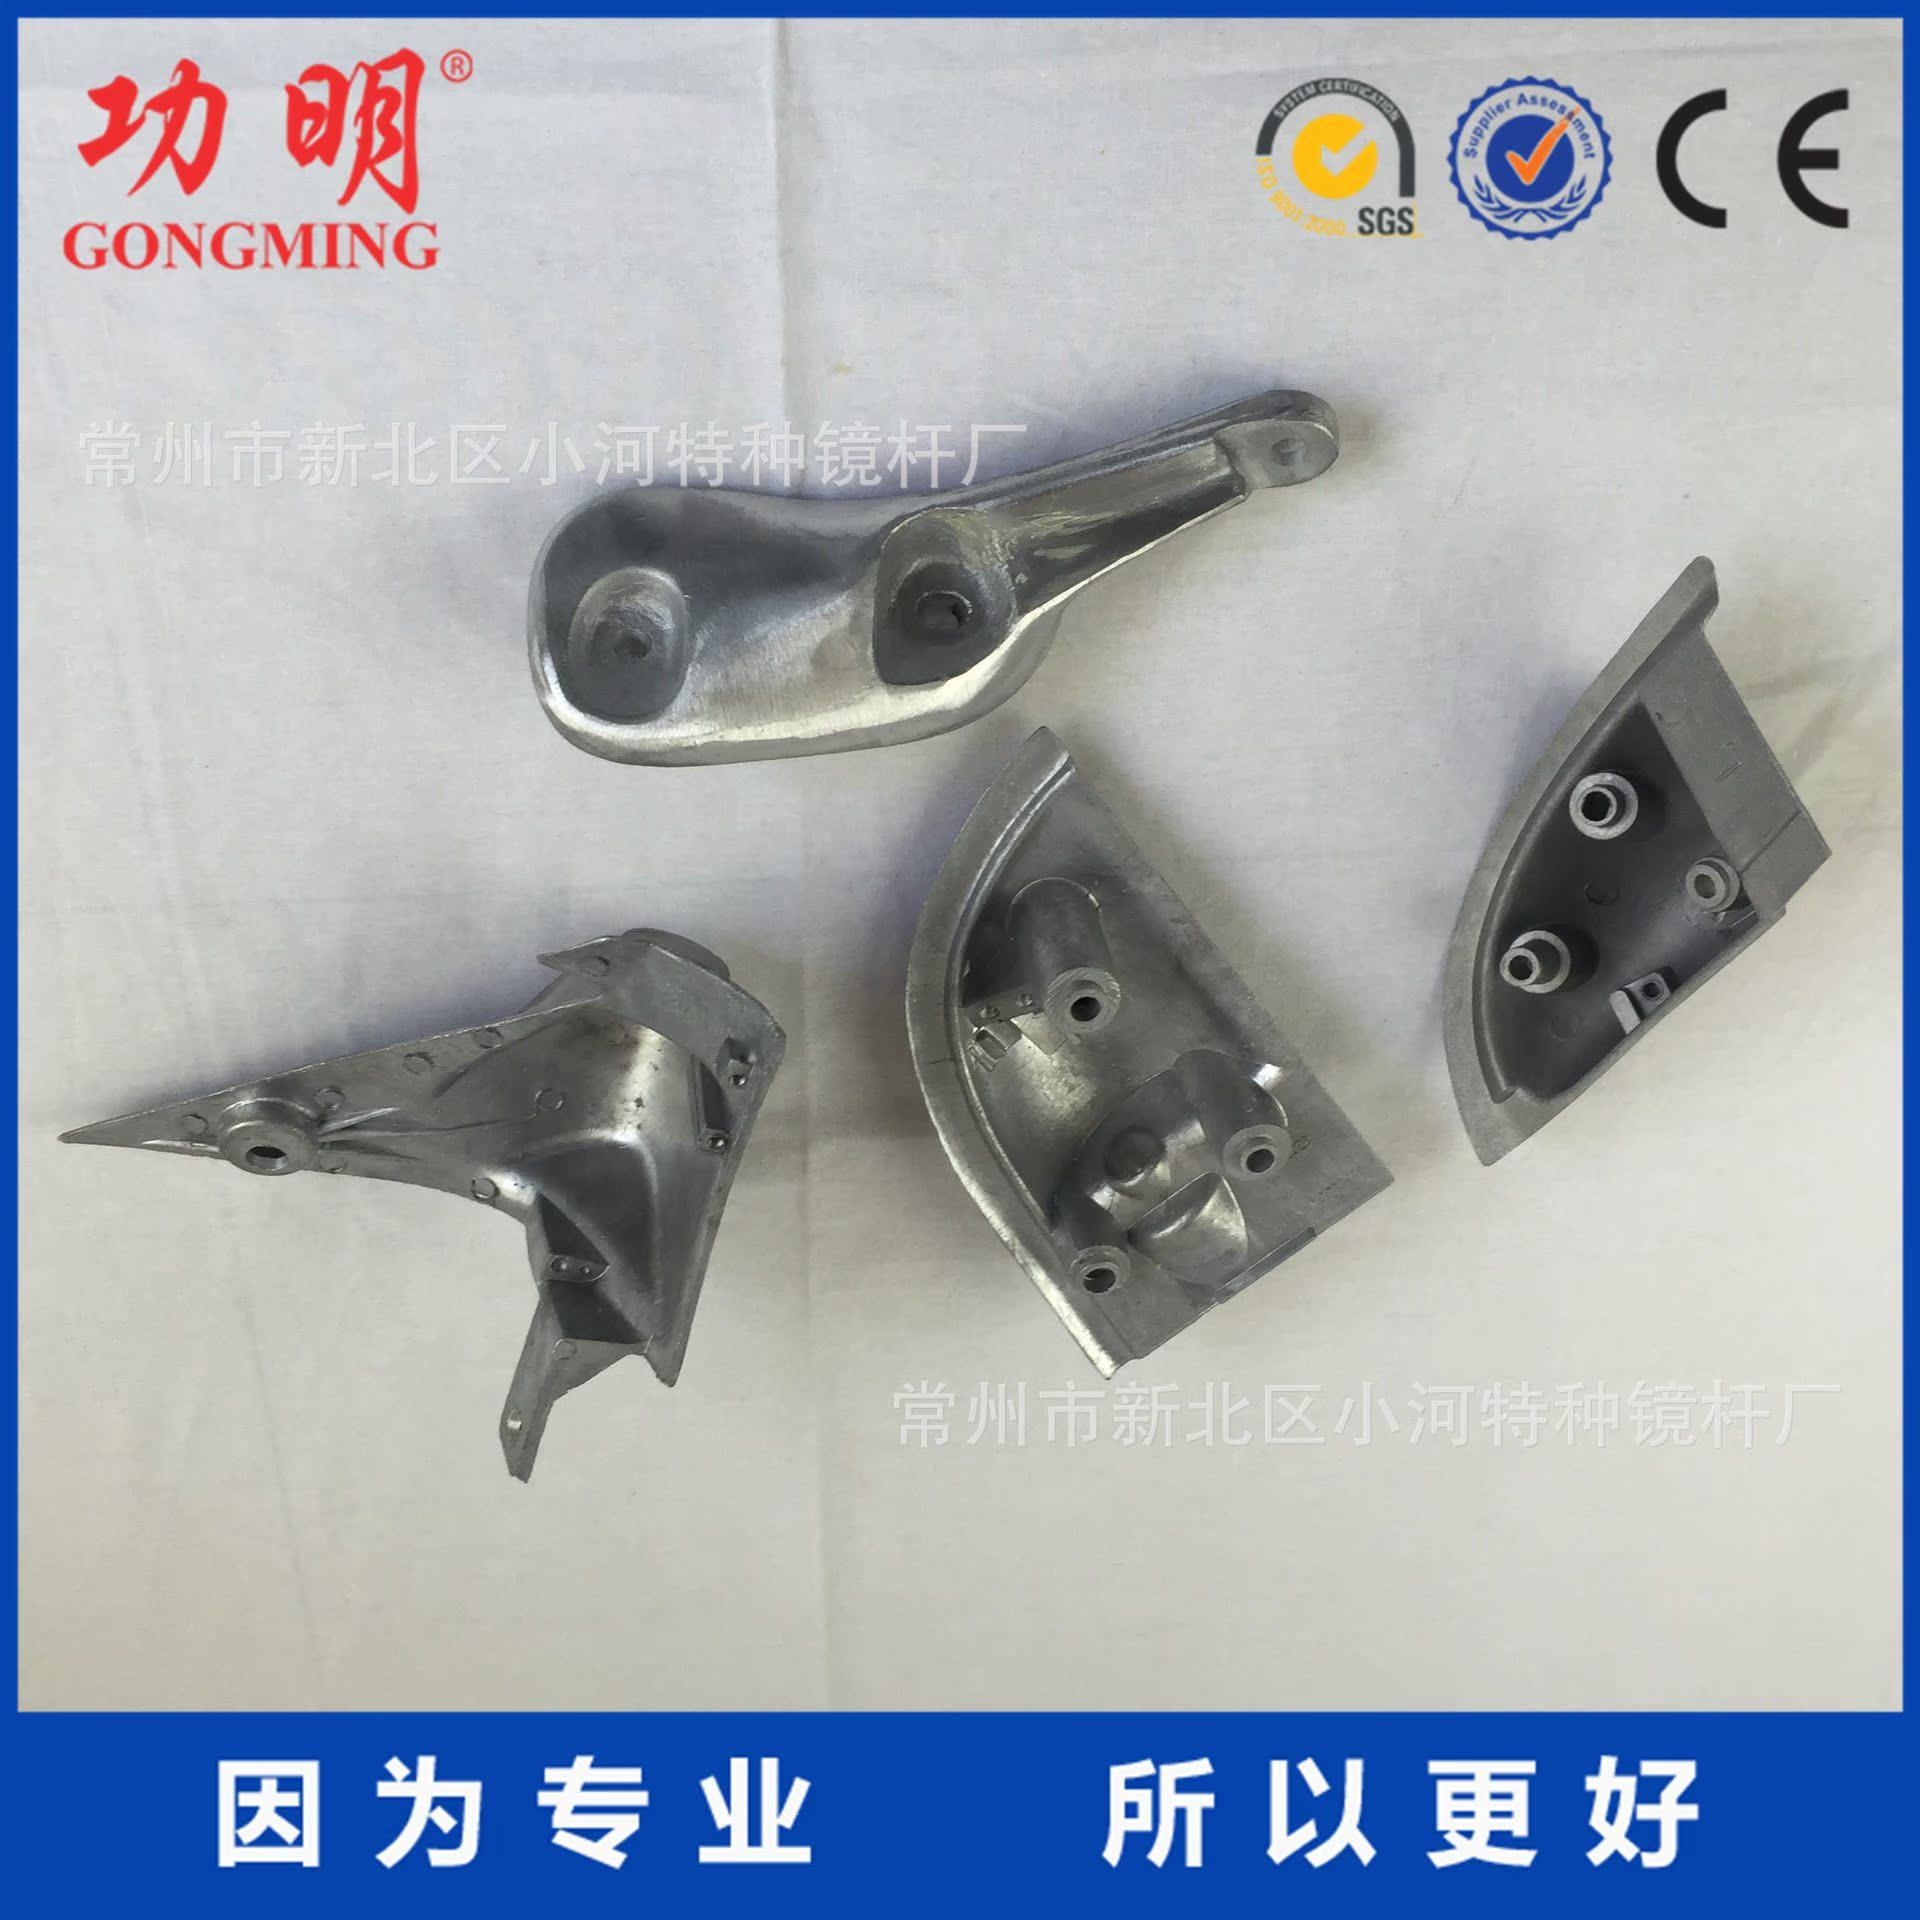 生产加工 压铸件 铝铸件 锌合金件 厂家直销 质量保证